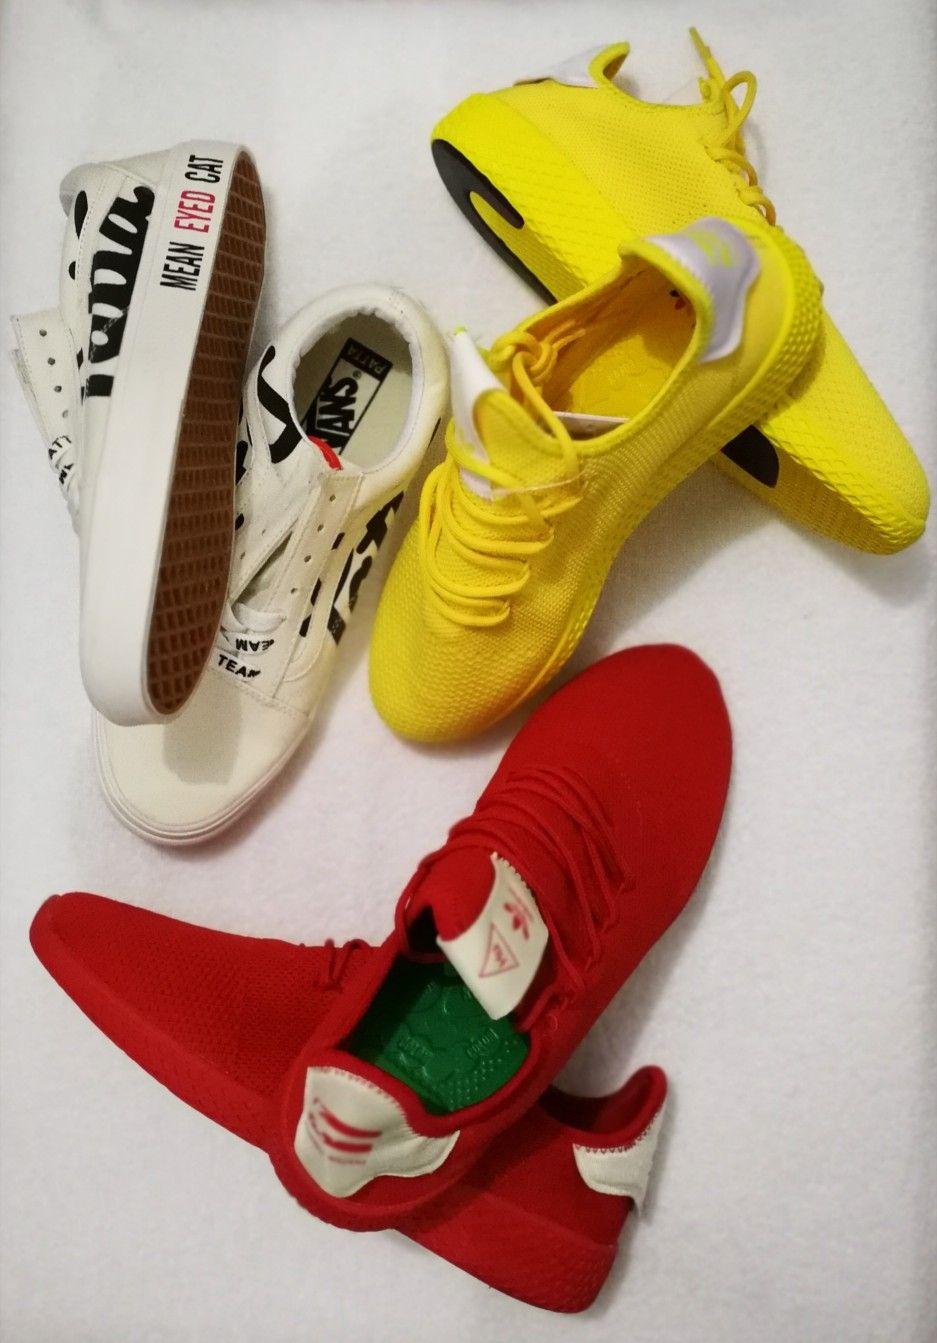 afa4a91b04a27b  Patta x Vans old school  Adidas Pharrell Williams Tennis Hu ❤  newin  +3